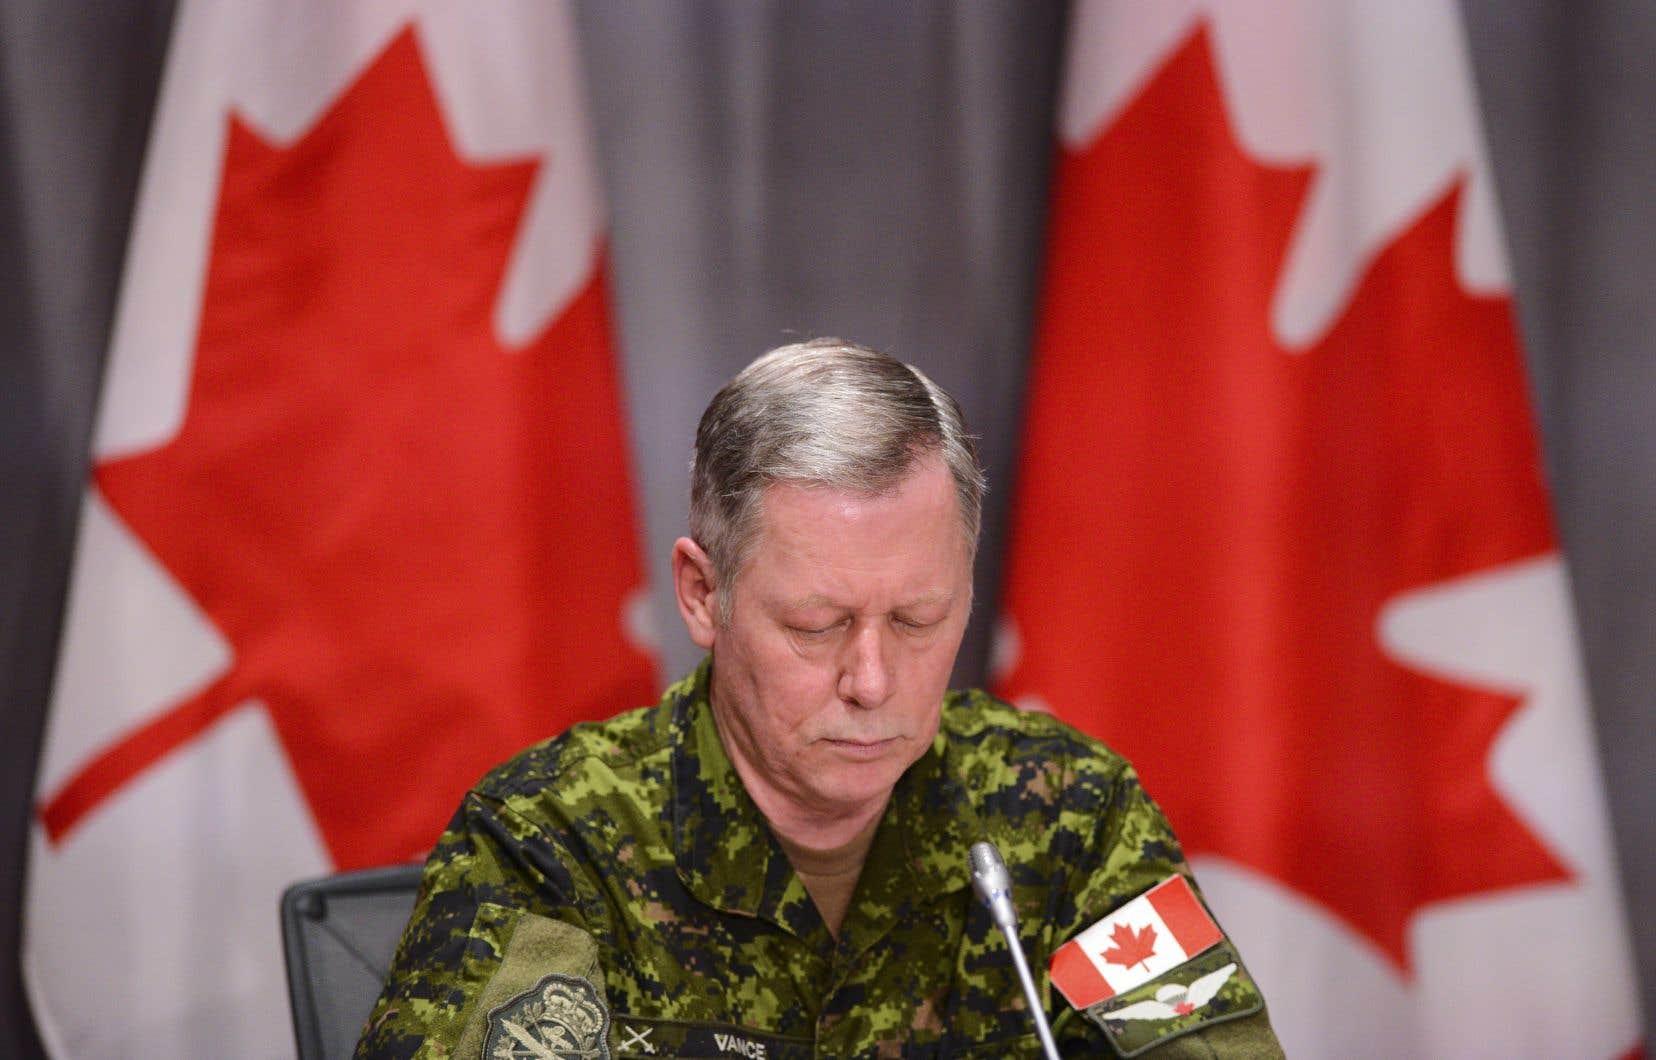 Les efforts de recherche des victimes sont compliqués parce que l'hélicoptère s'est abîmé dans une mer de 3000 mètres de profondeur, a expliqué jeudi le chef d'état-major de la Défense, le général Jonathan Vance.